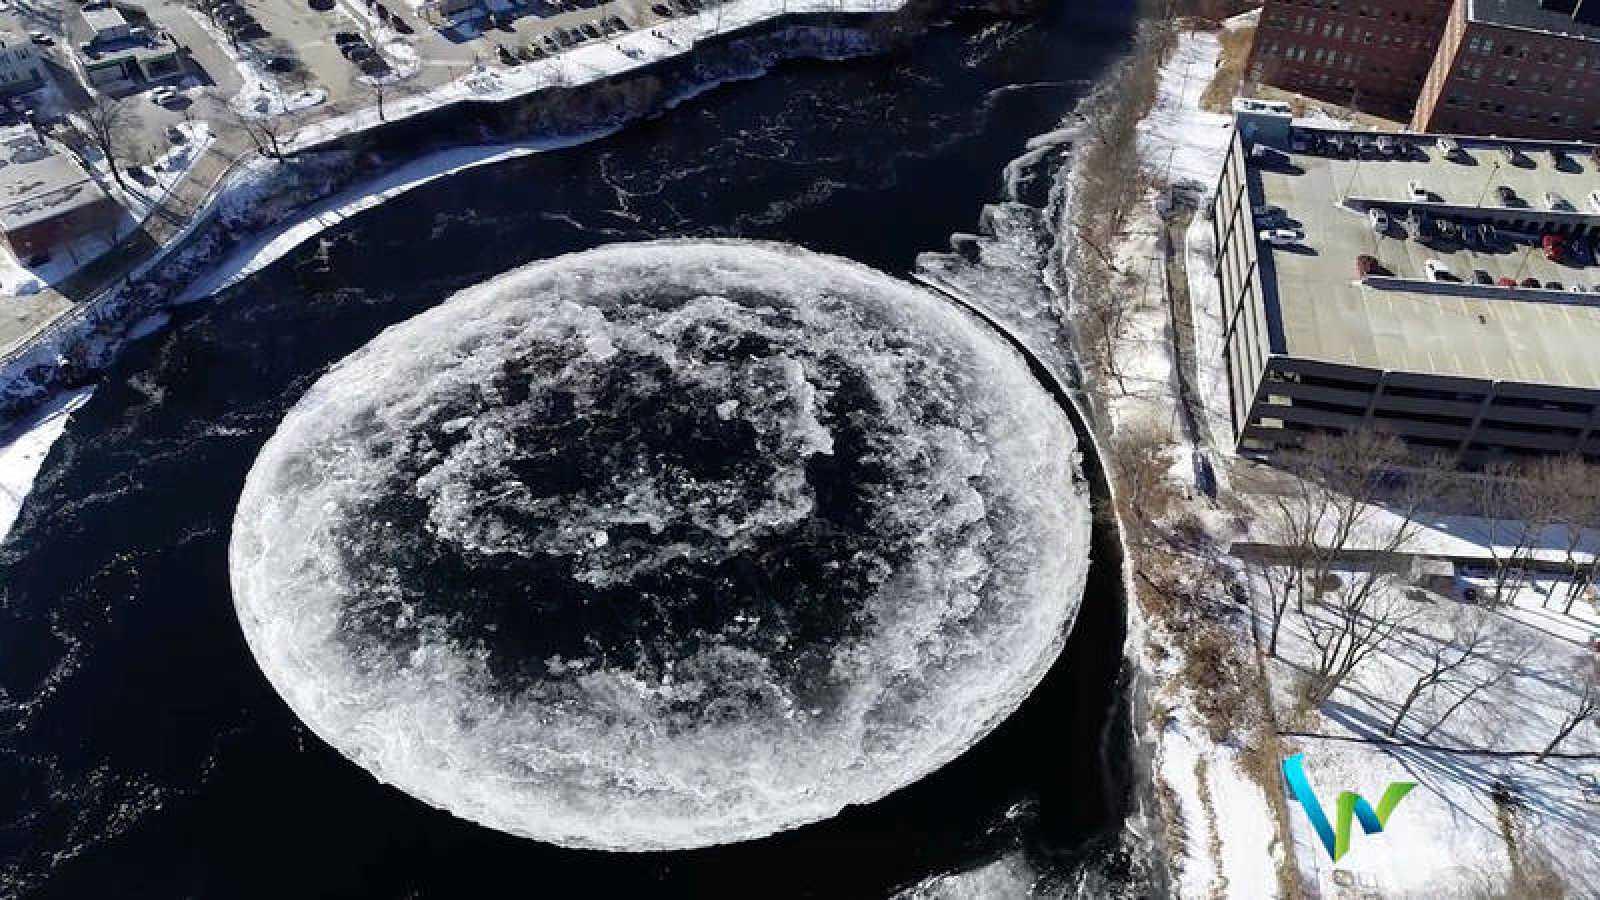 Imagen aérea del disco de hielo surgido en el río Presumpscot.